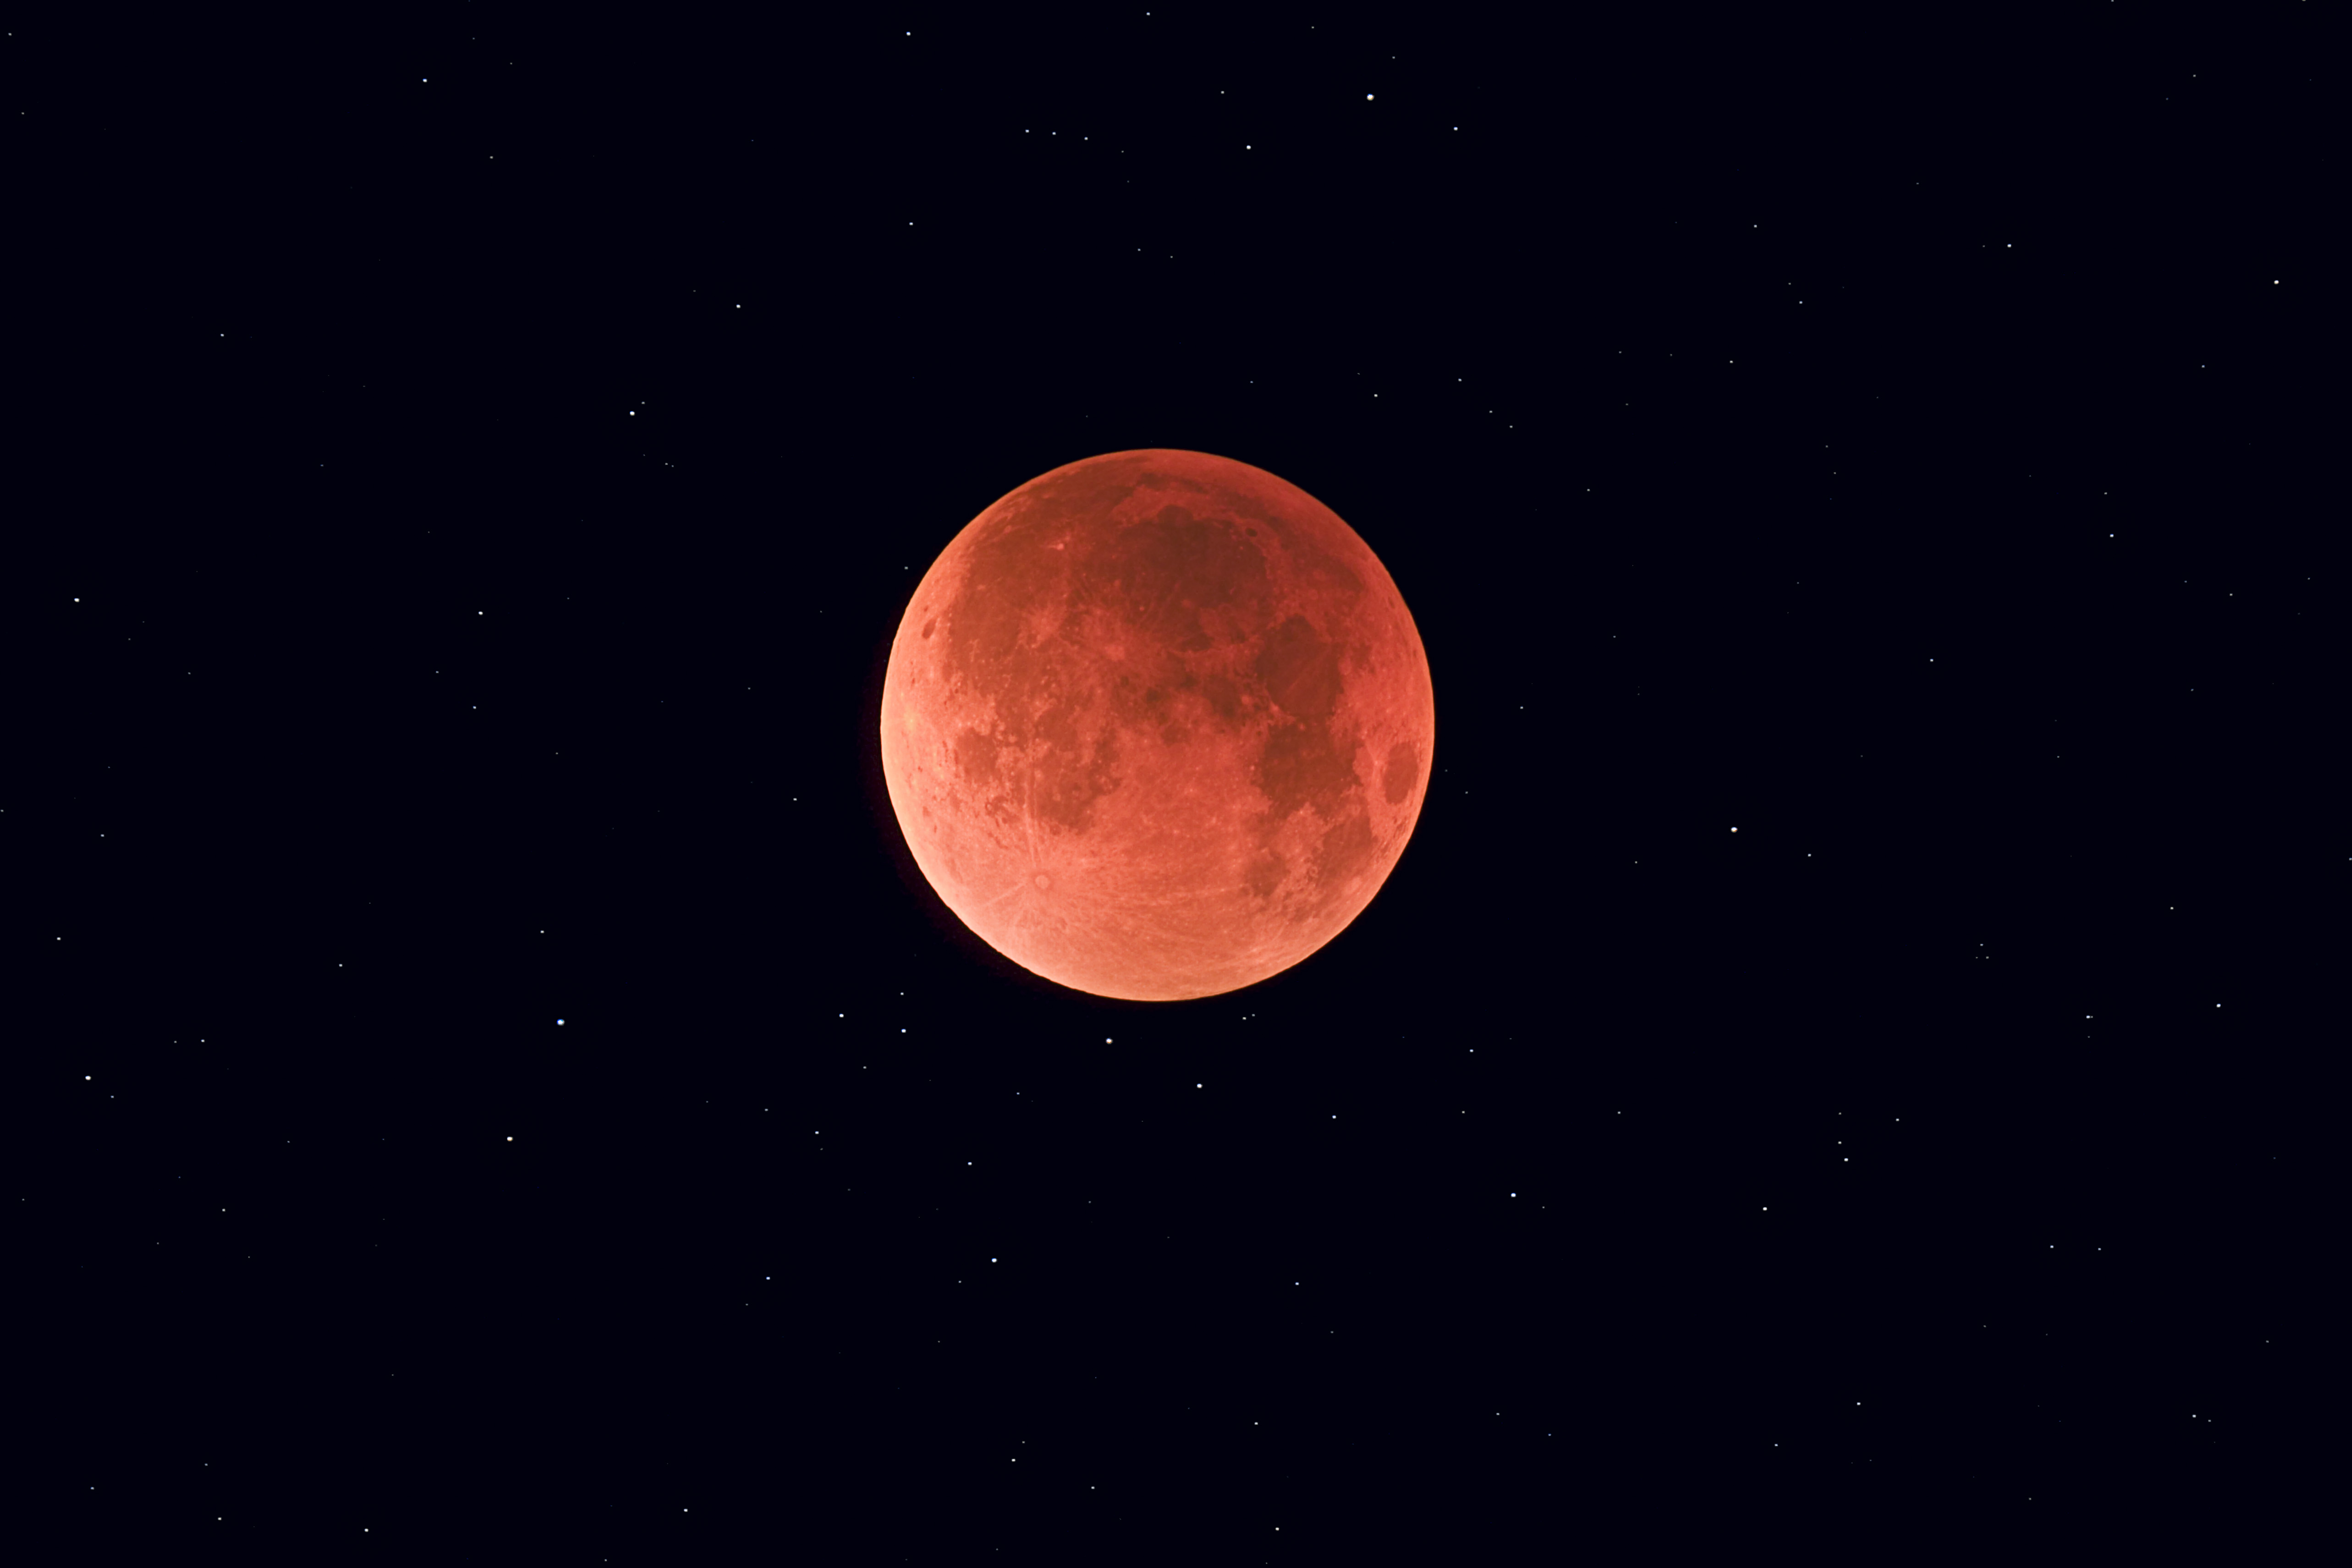 blood moon january 2019 calgary - photo #12